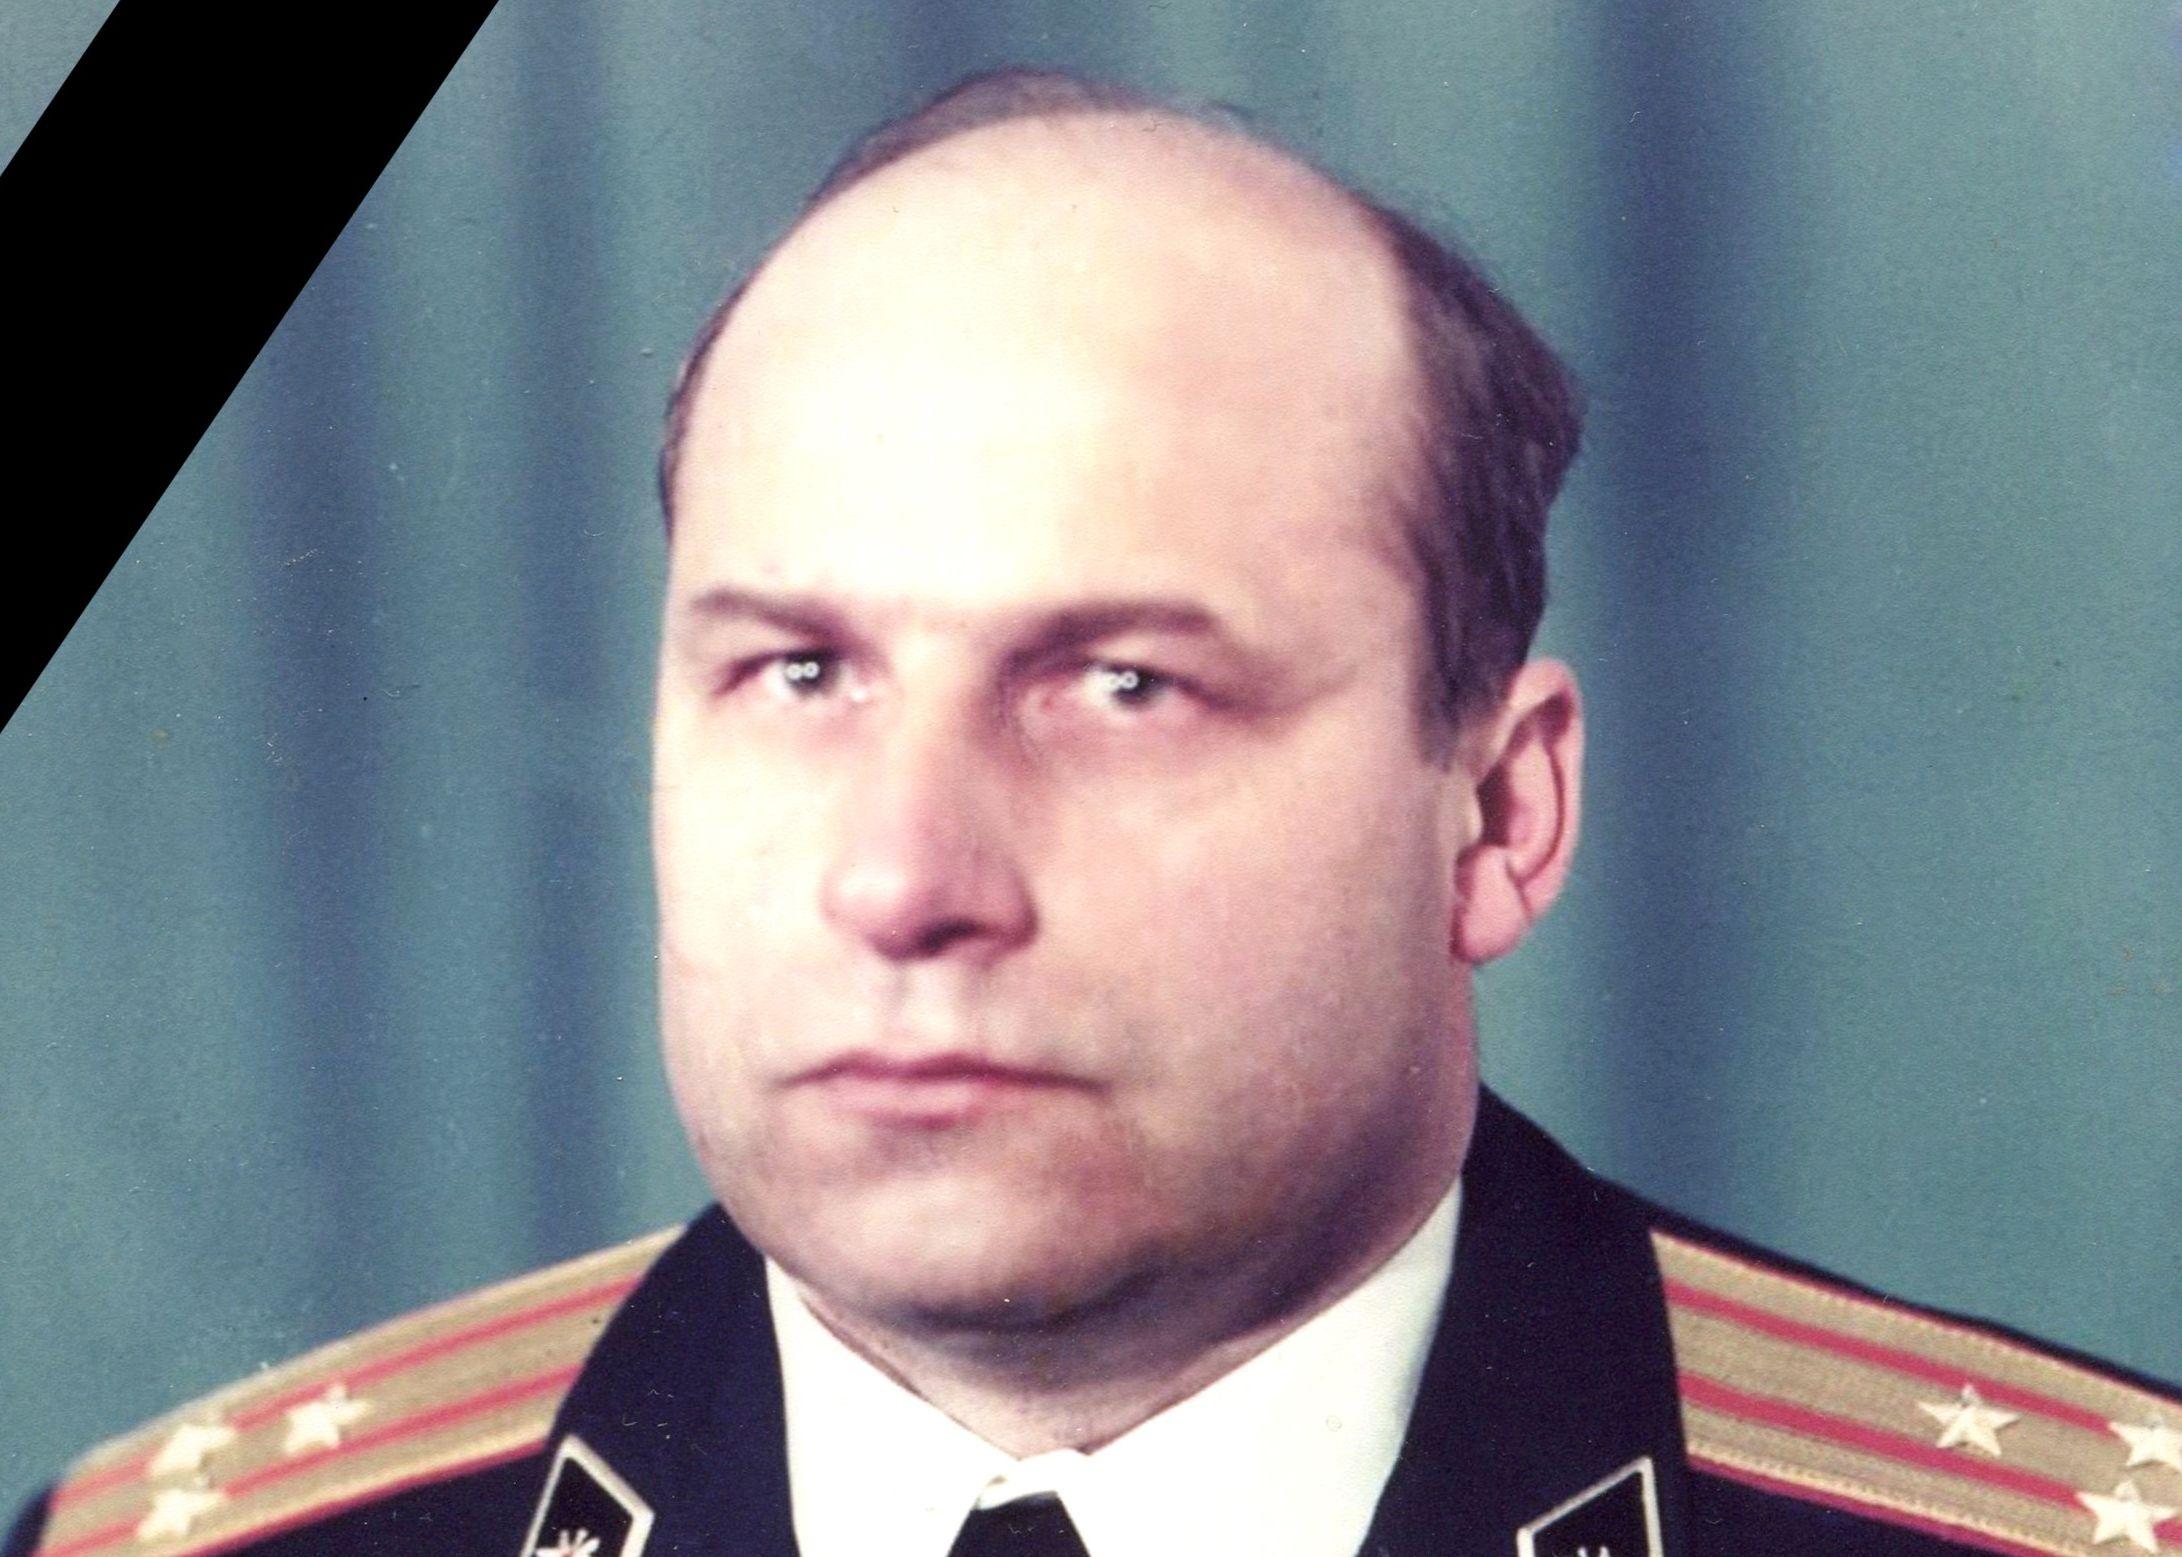 В Ярославле скончался бывший глава радиотелевизионного передающего центра Анатолий Мочкин